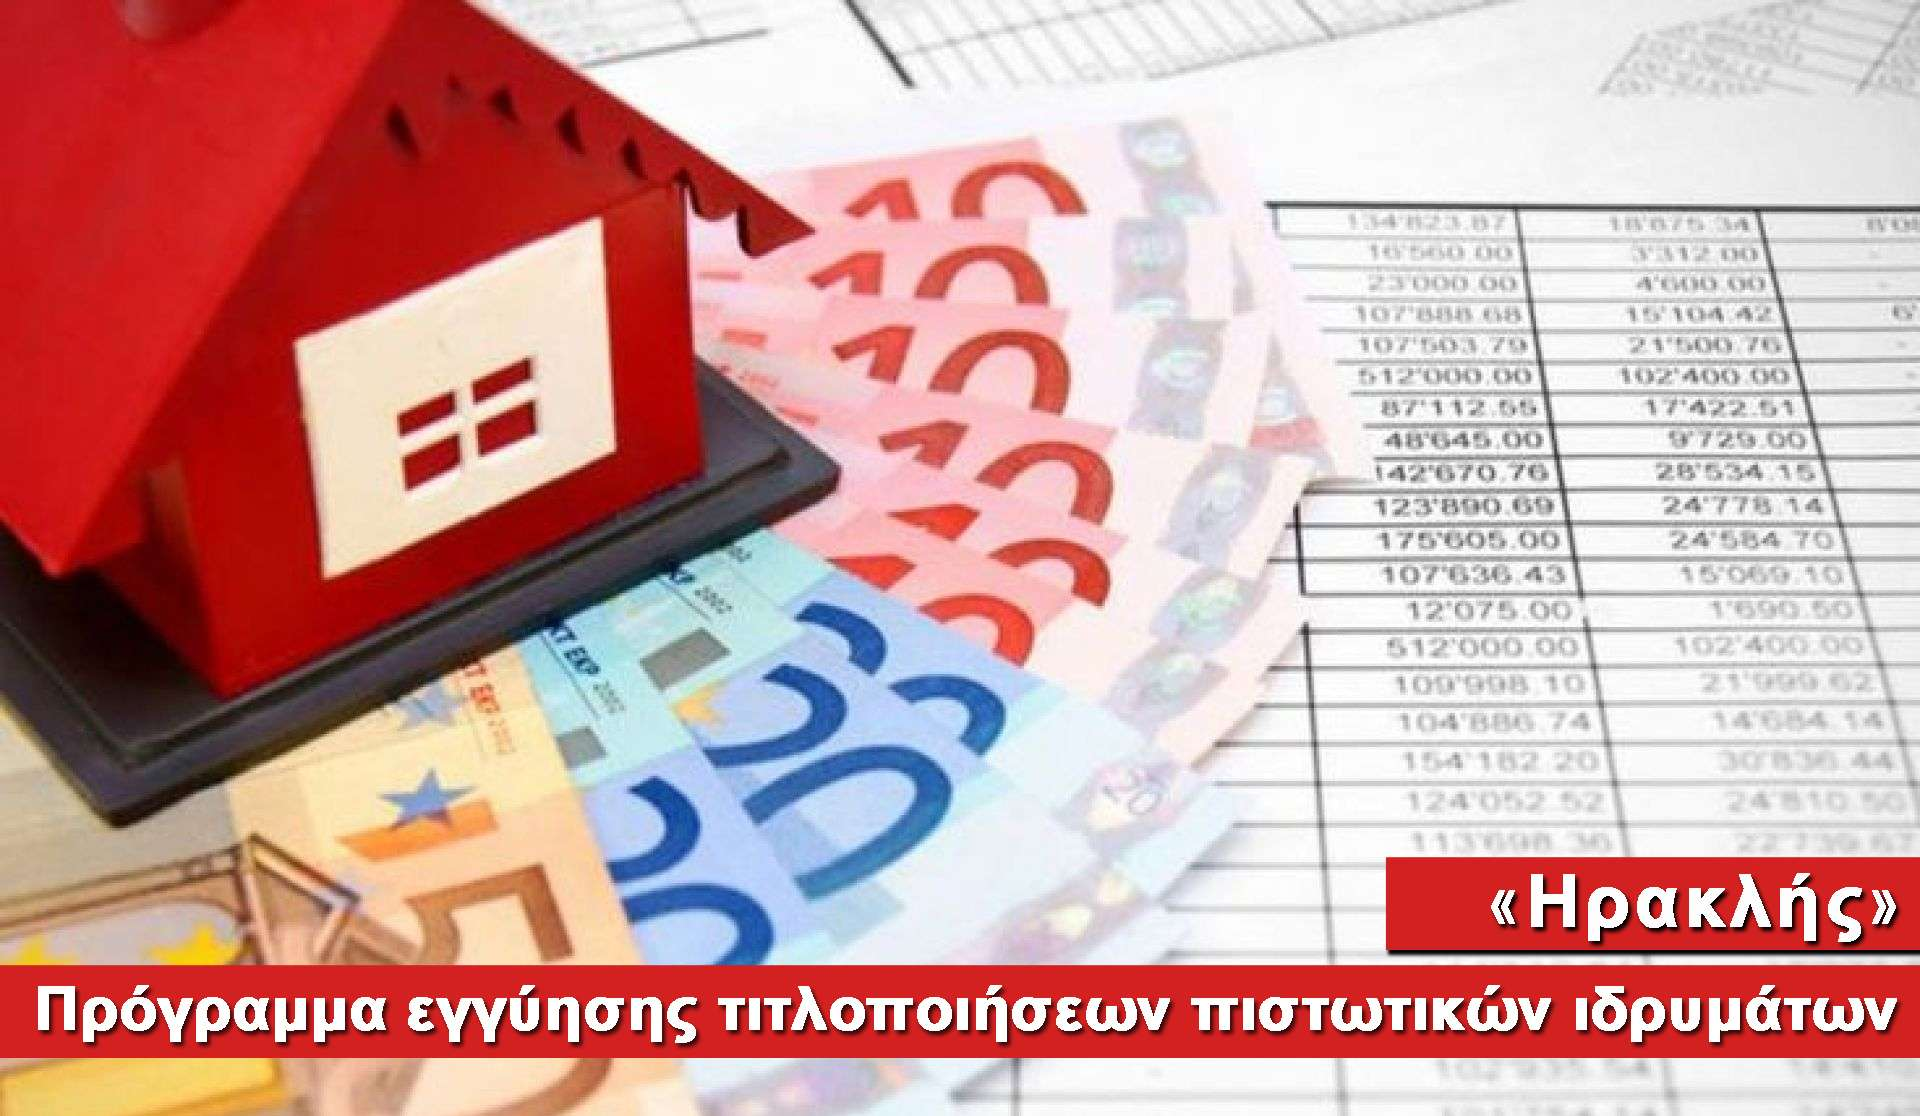 Πρόγραμμα παροχής εγγύησης σε τιτλοποιήσεις πιστωτικών ιδρυμάτων «Ηρακλής»